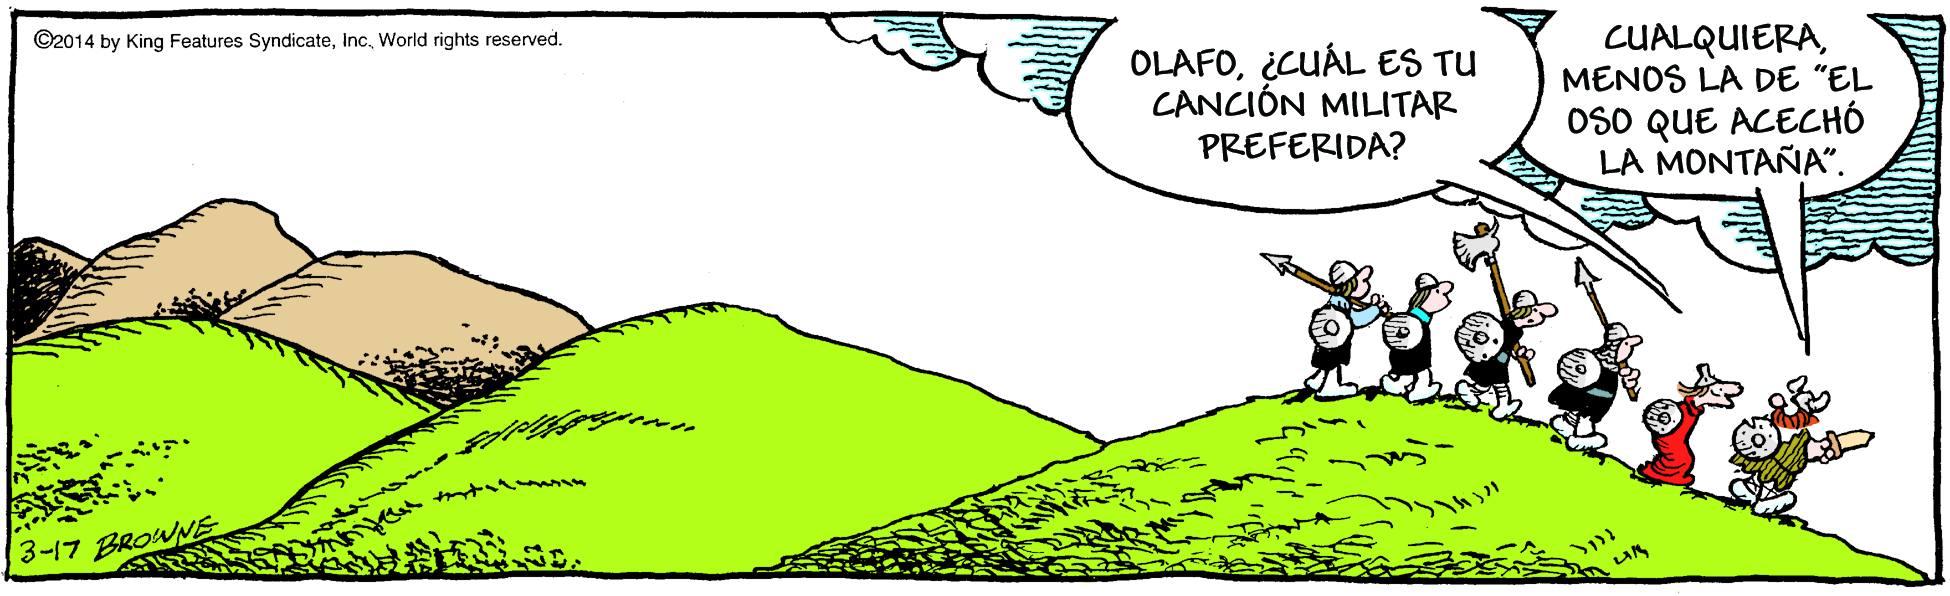 Las viñetas de Olaf, en HOY.es